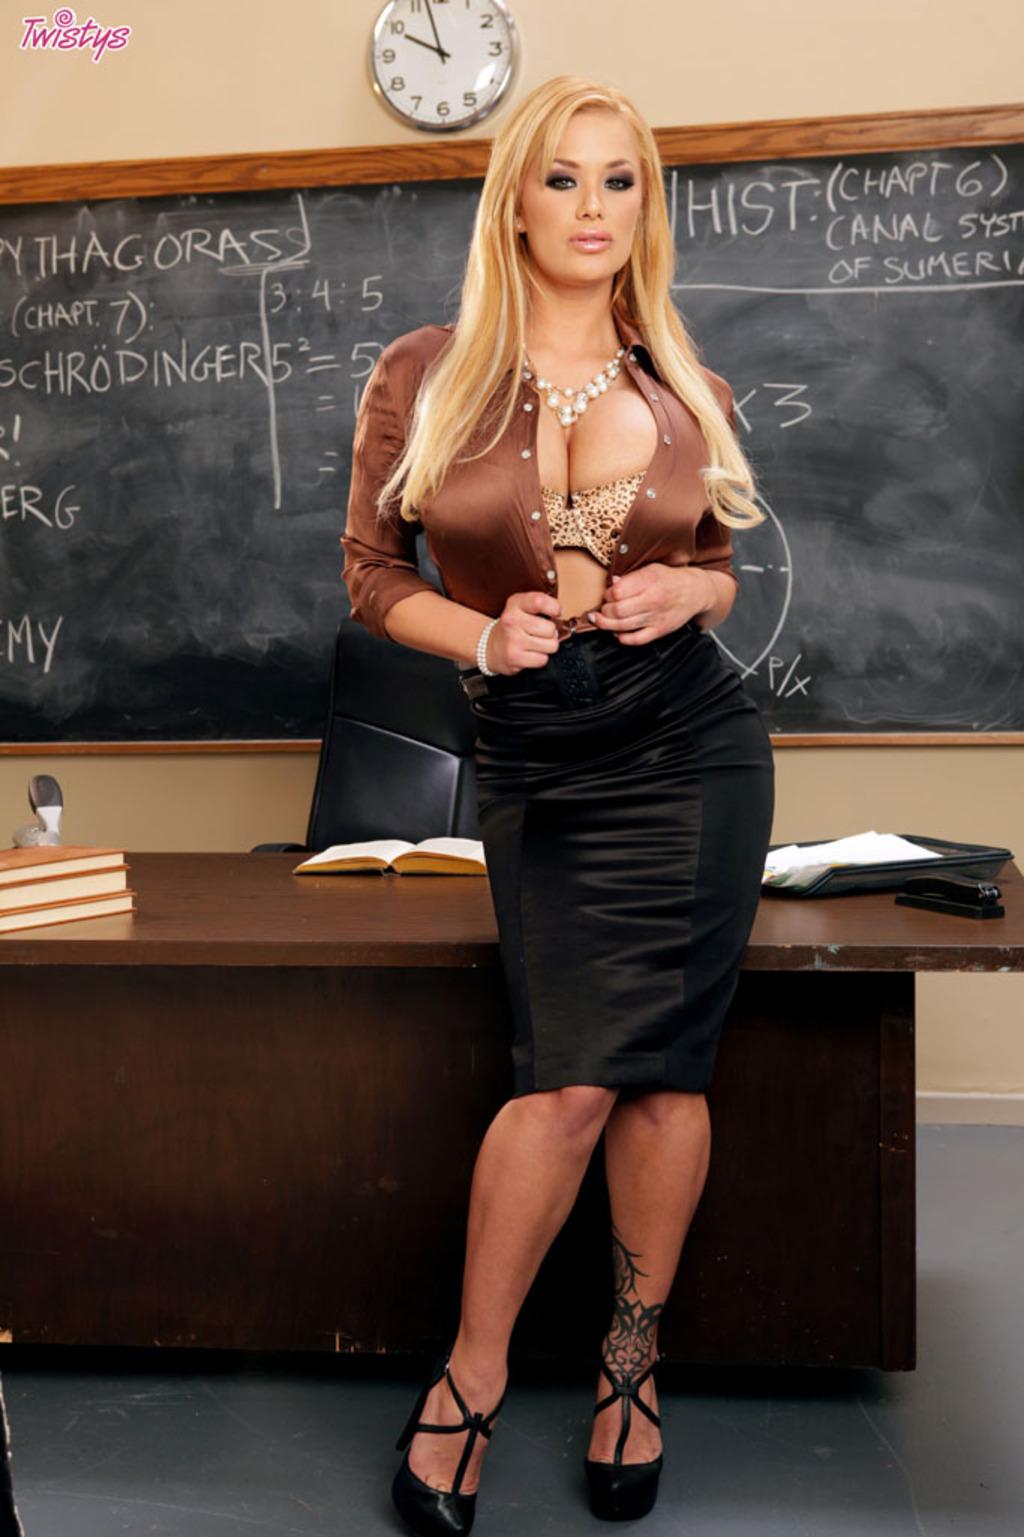 Zdjęcie porno - 0211 - Cycata nauczycielka